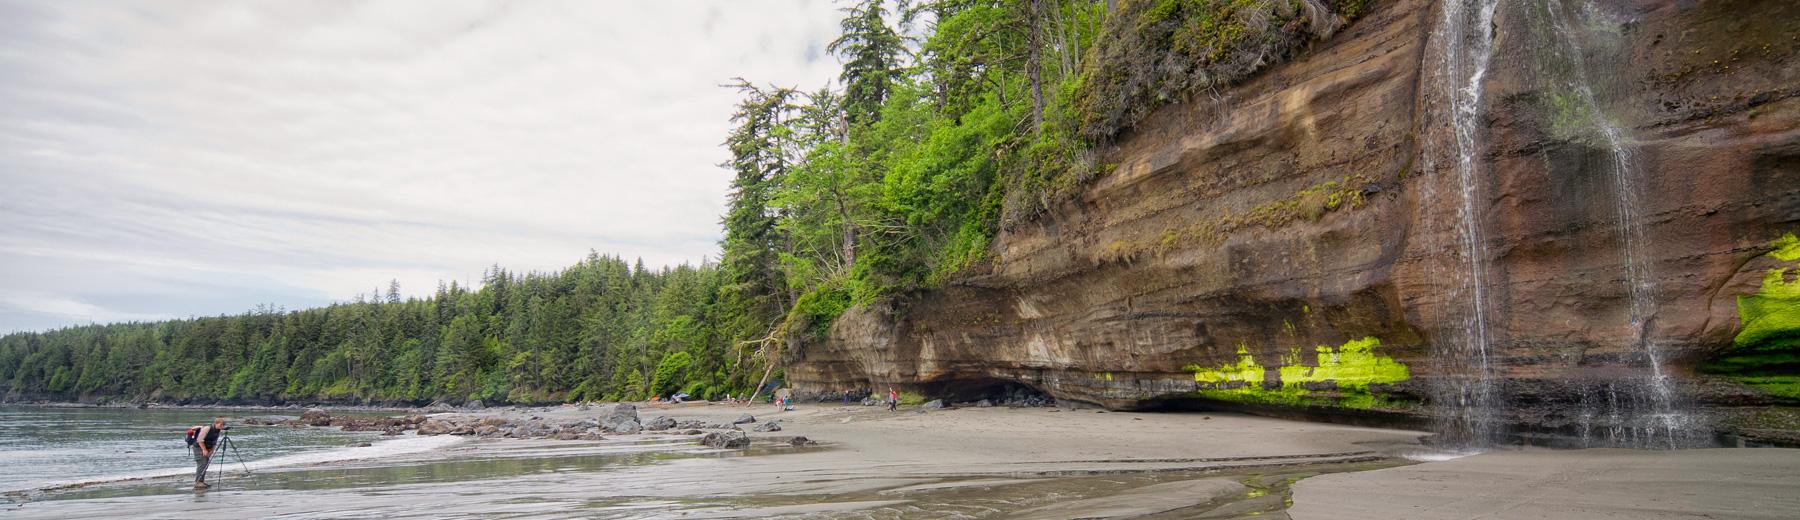 Mystic Beach, Juan De Fuca Trail (BC)